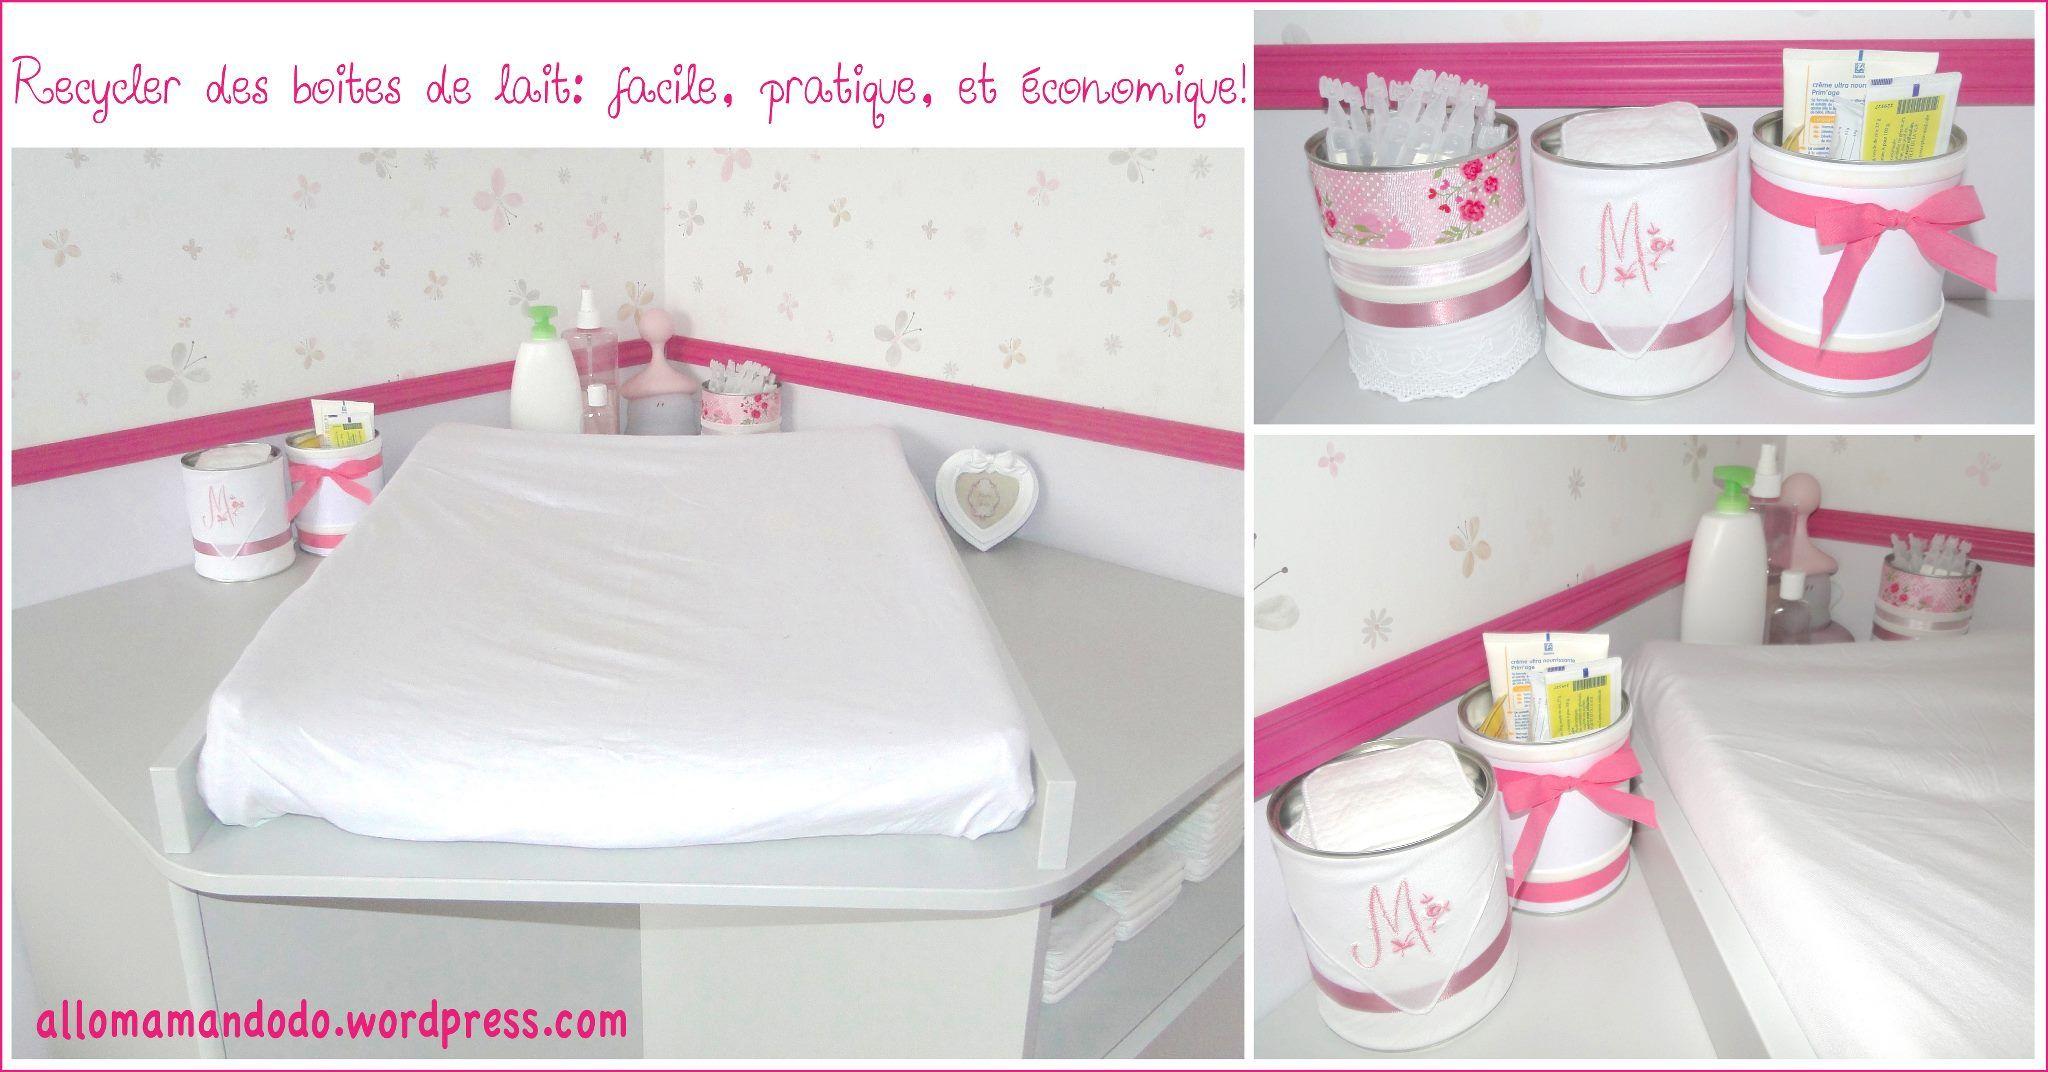 activit du mercredi recyclage des boites de lait diy lait boite et de conserve. Black Bedroom Furniture Sets. Home Design Ideas